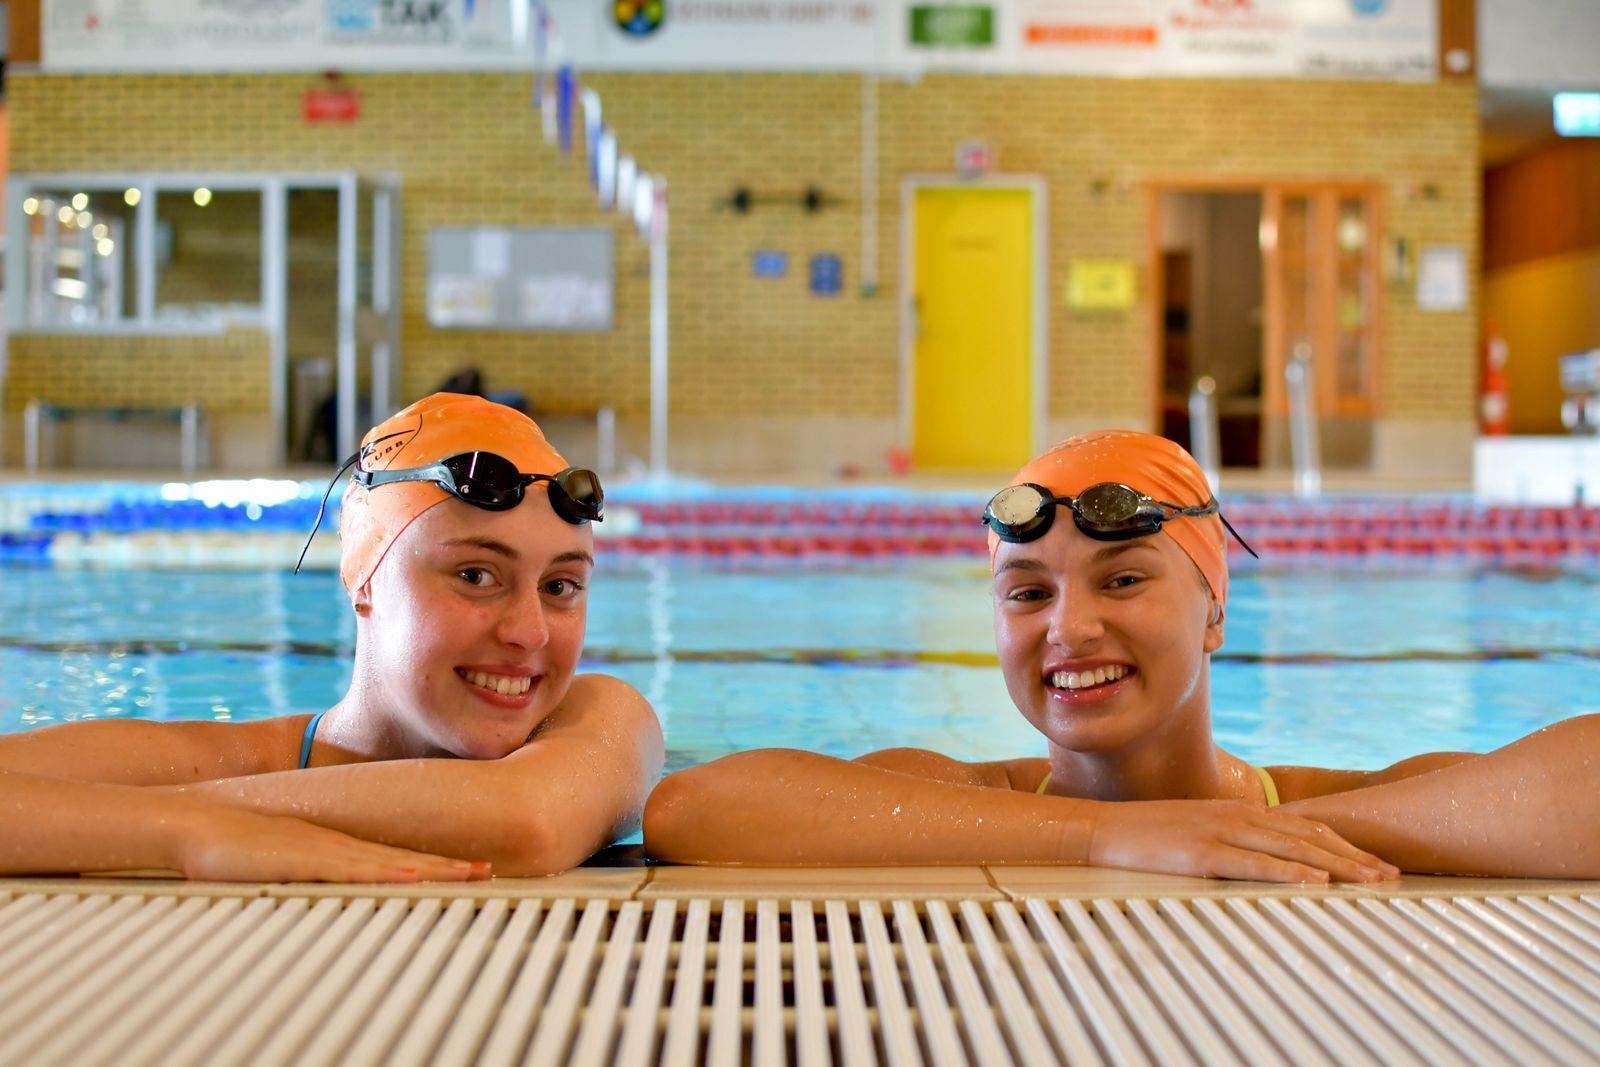 Bakom framgångarna ligger hårt slit. Thea Brünjes och Olivia Hansson tränar tolv timmar i veckan, två pass på gymmet och sex träningspass i vattnet.